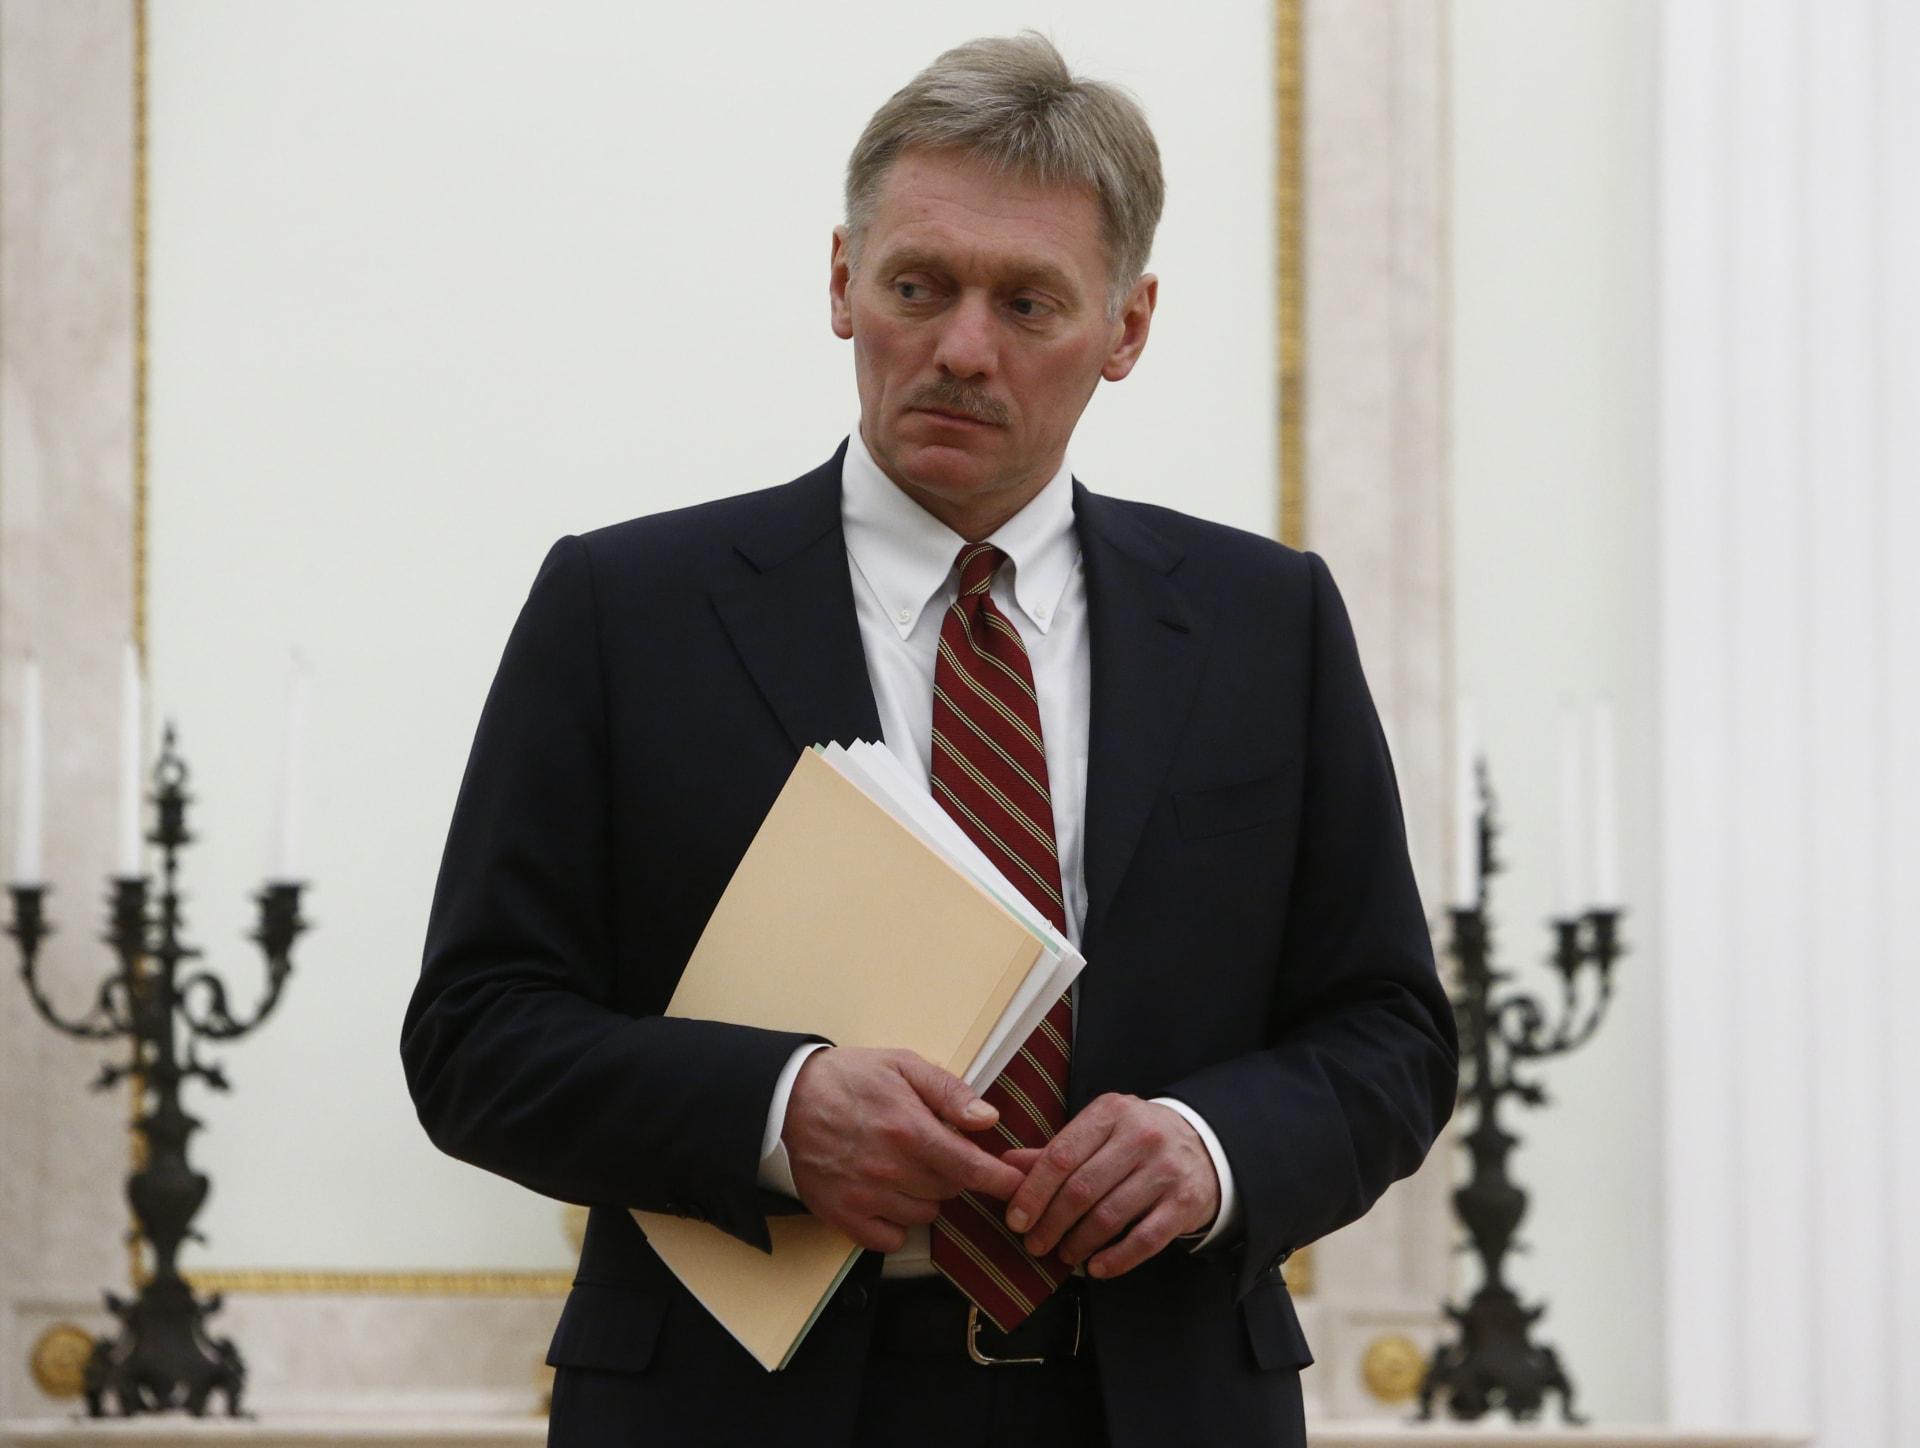 بسكوف: أثار بنس مسألة التدخلات بالانتخابات الأمريكية مع بوتين